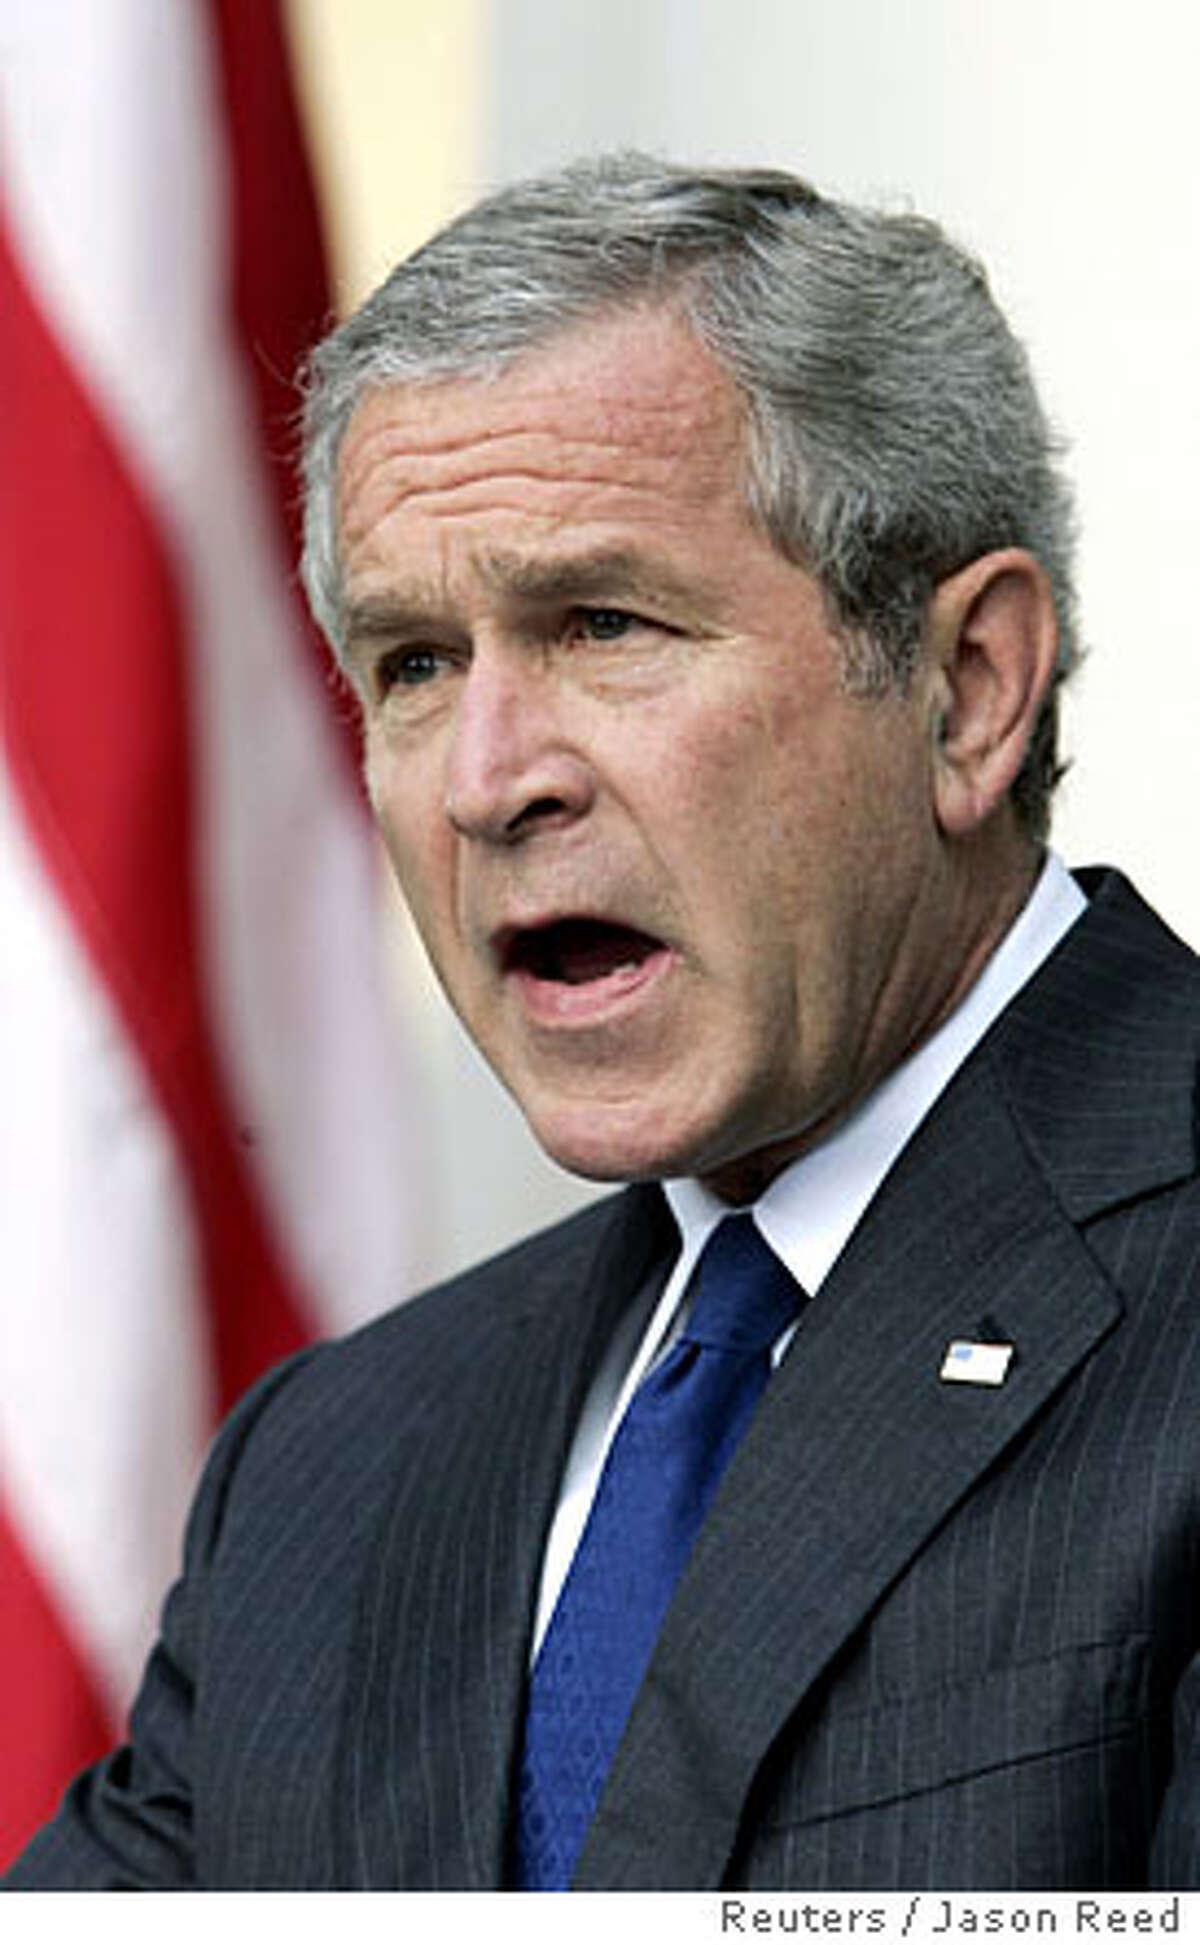 US President Bush makes remarks on the death of Abu Musab al-Zarqawi in Washington